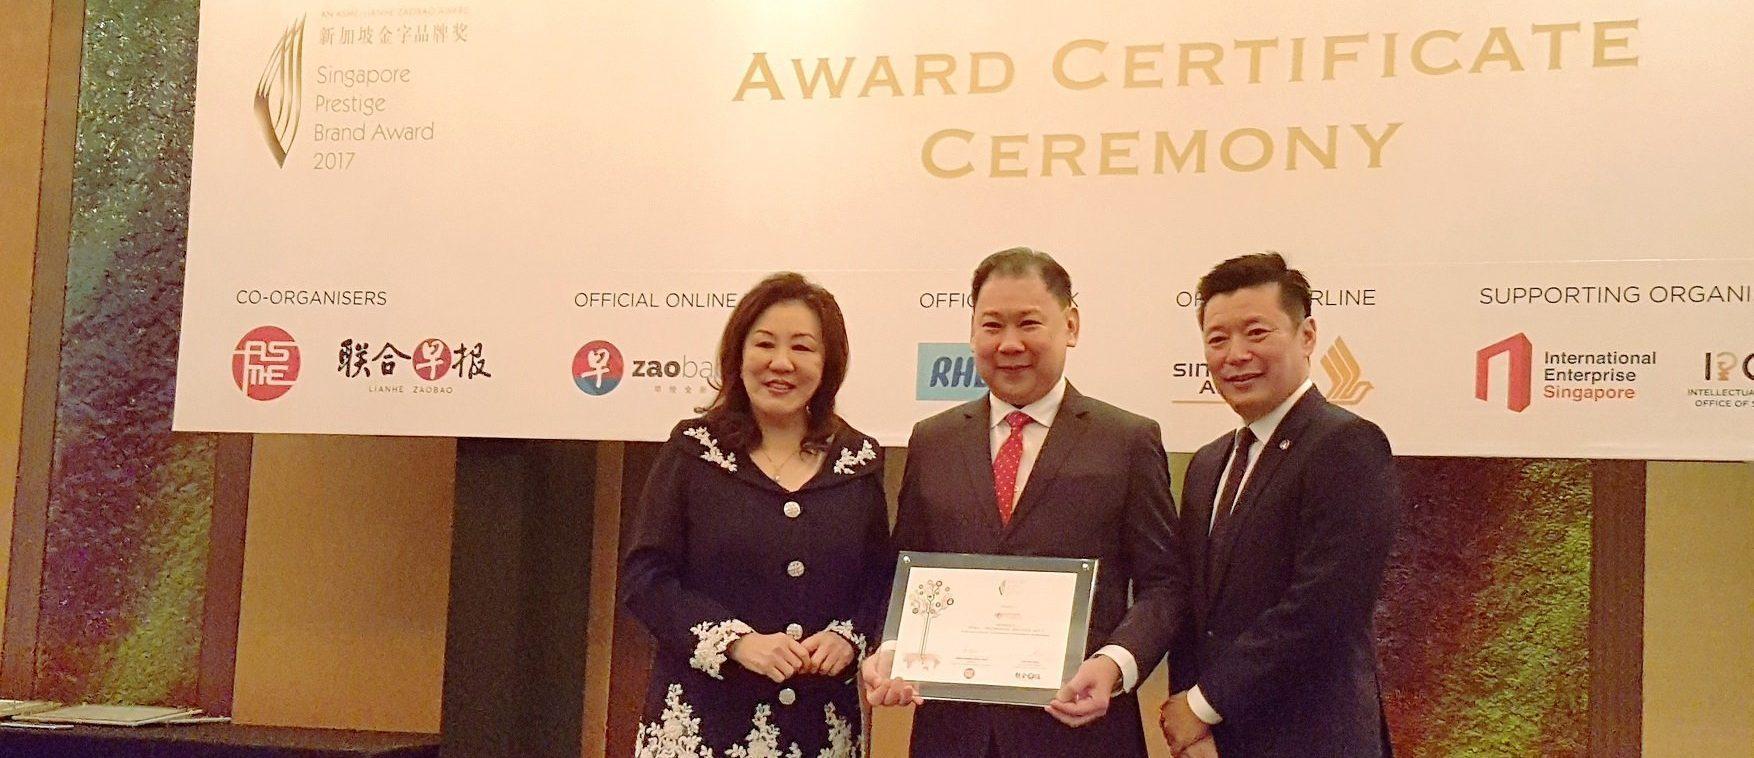 Singapore Prestige Brand Award (SPBA)